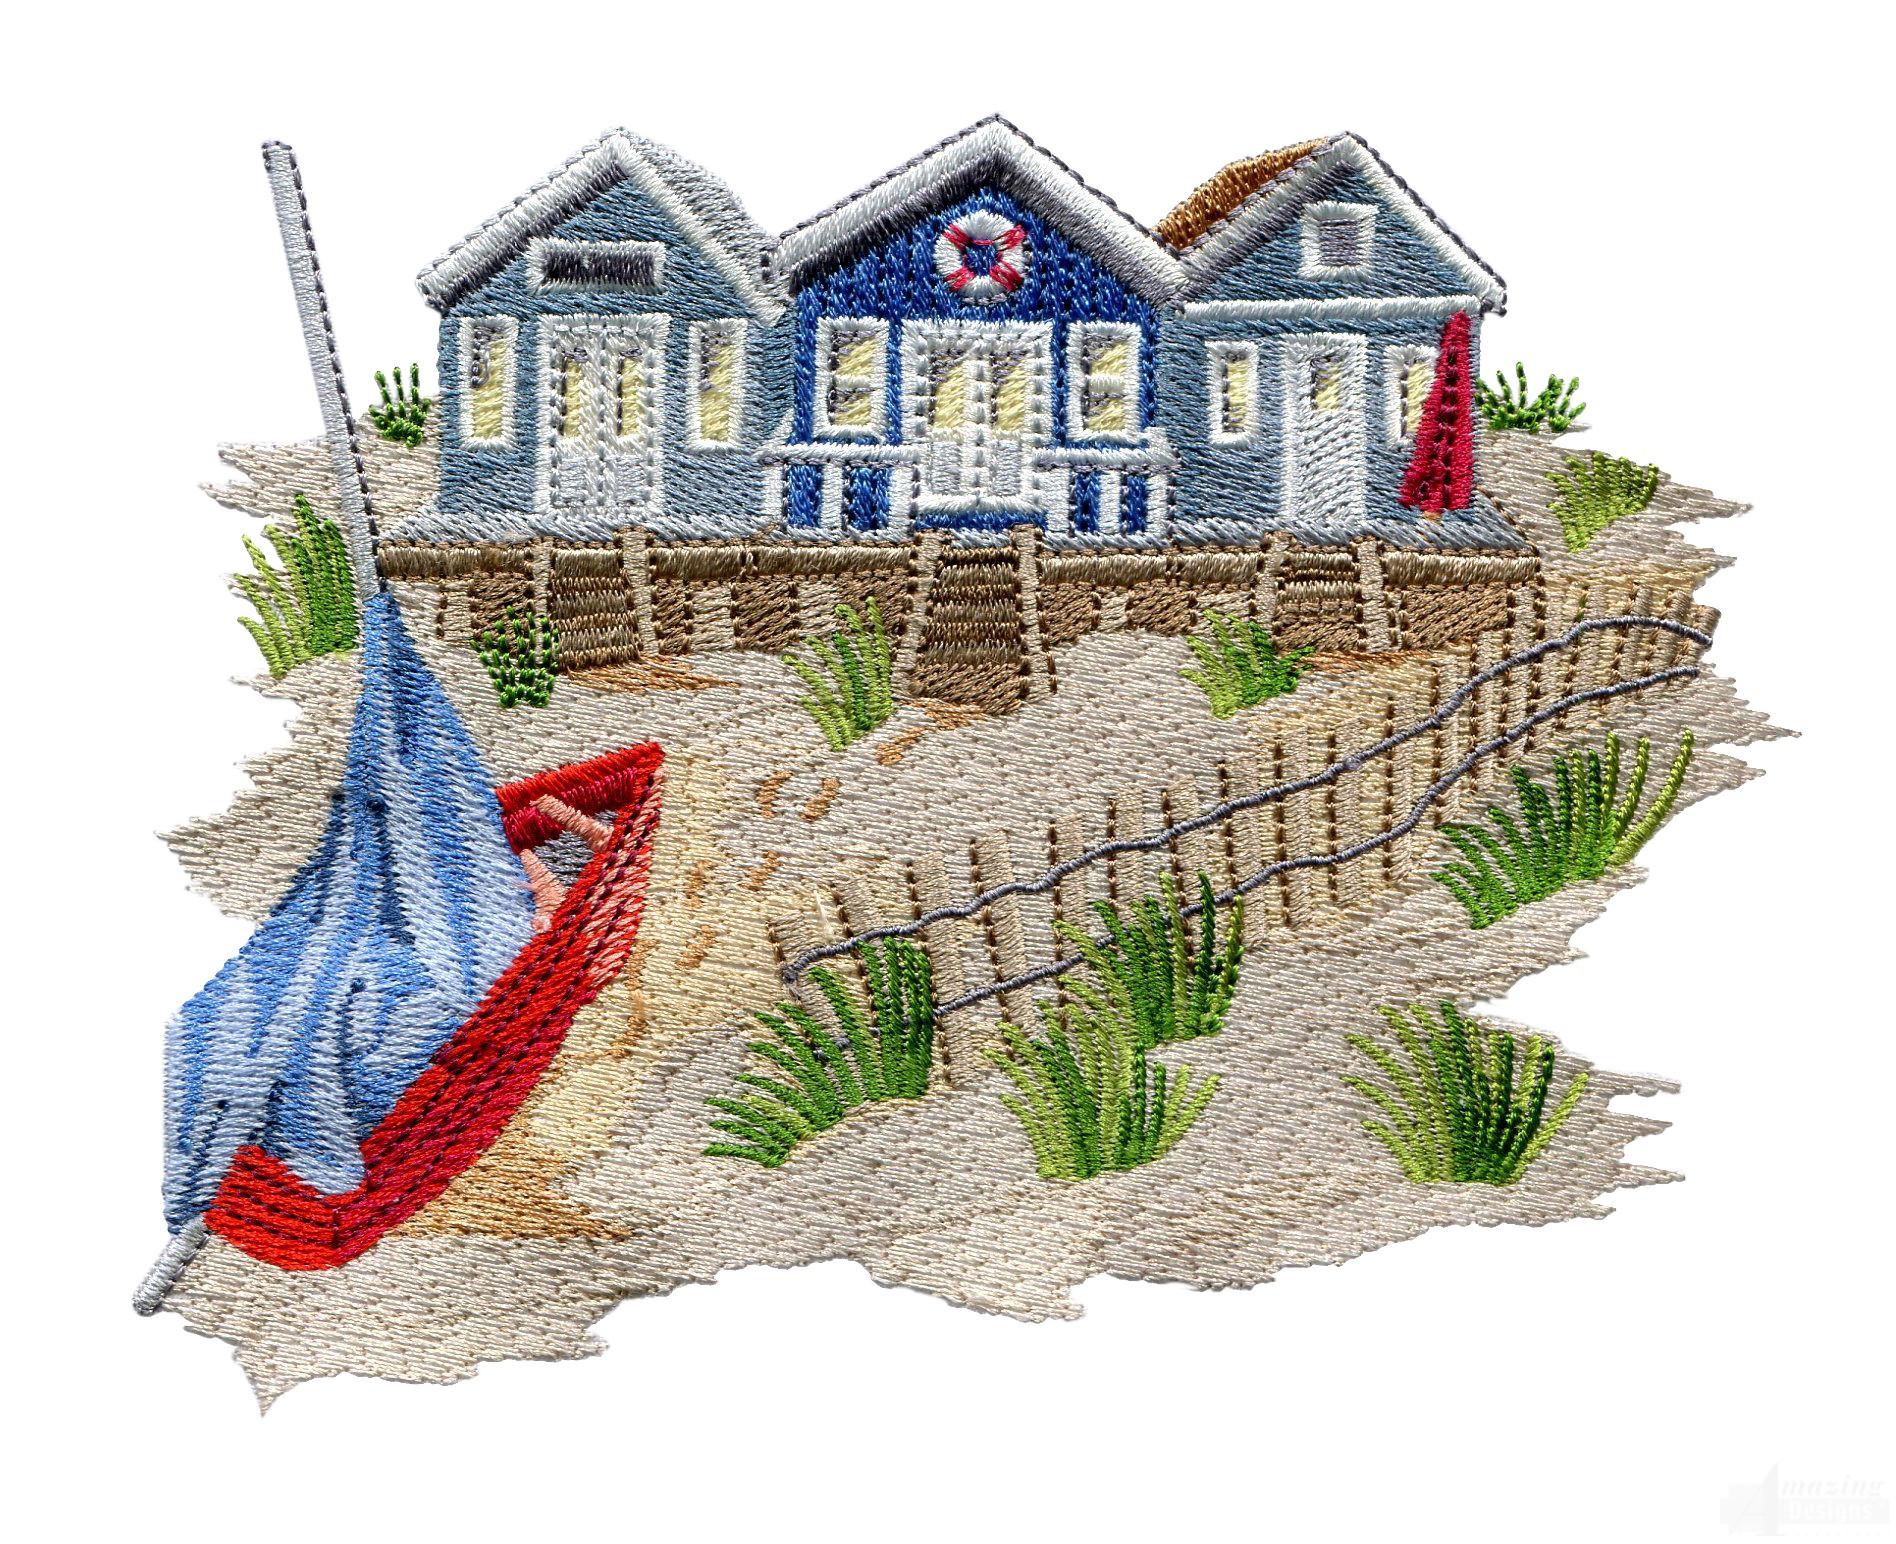 Swnse220 beach huts embroidery design